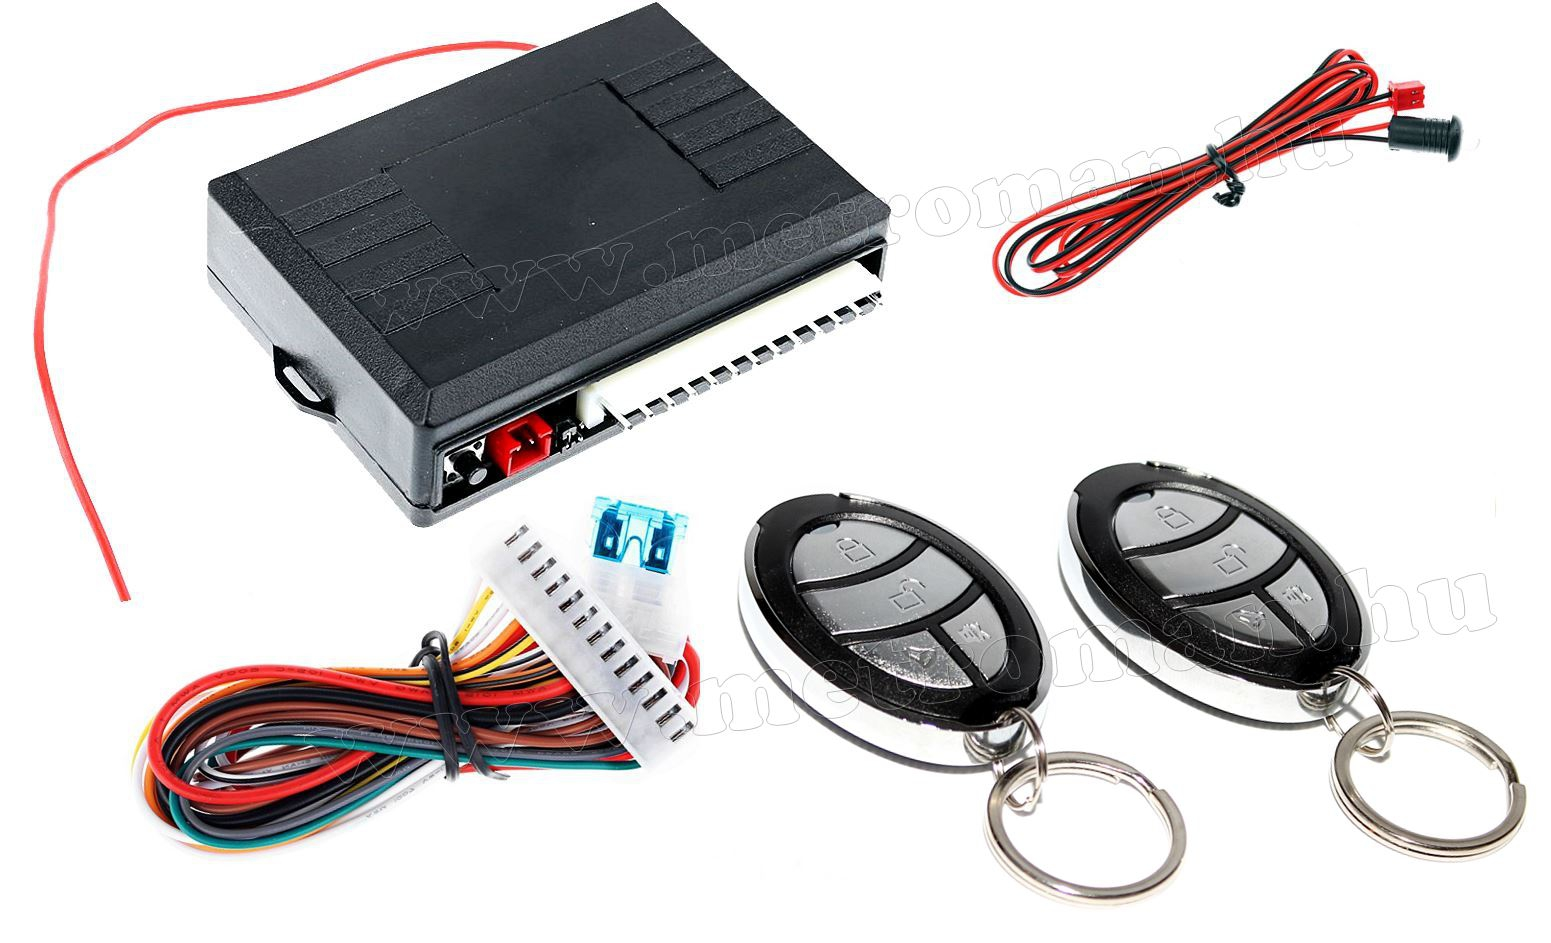 Központizár vezérlő távirányító szett, Mlogic MM-T286